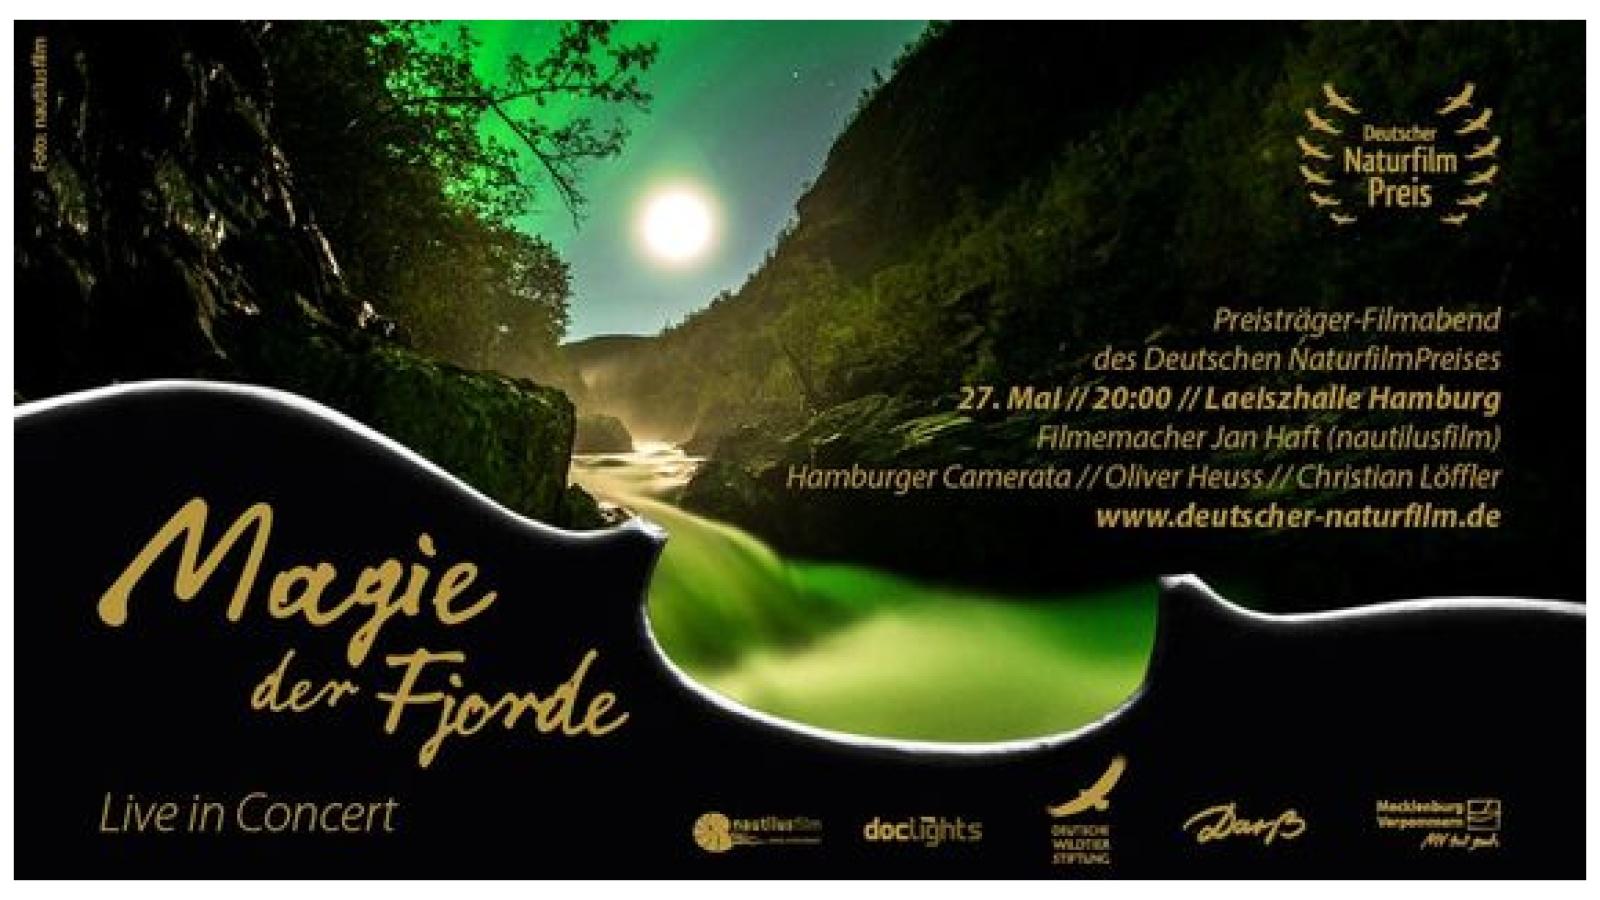 csm_Magie-der-Fjorde_fcfd8ddcfd